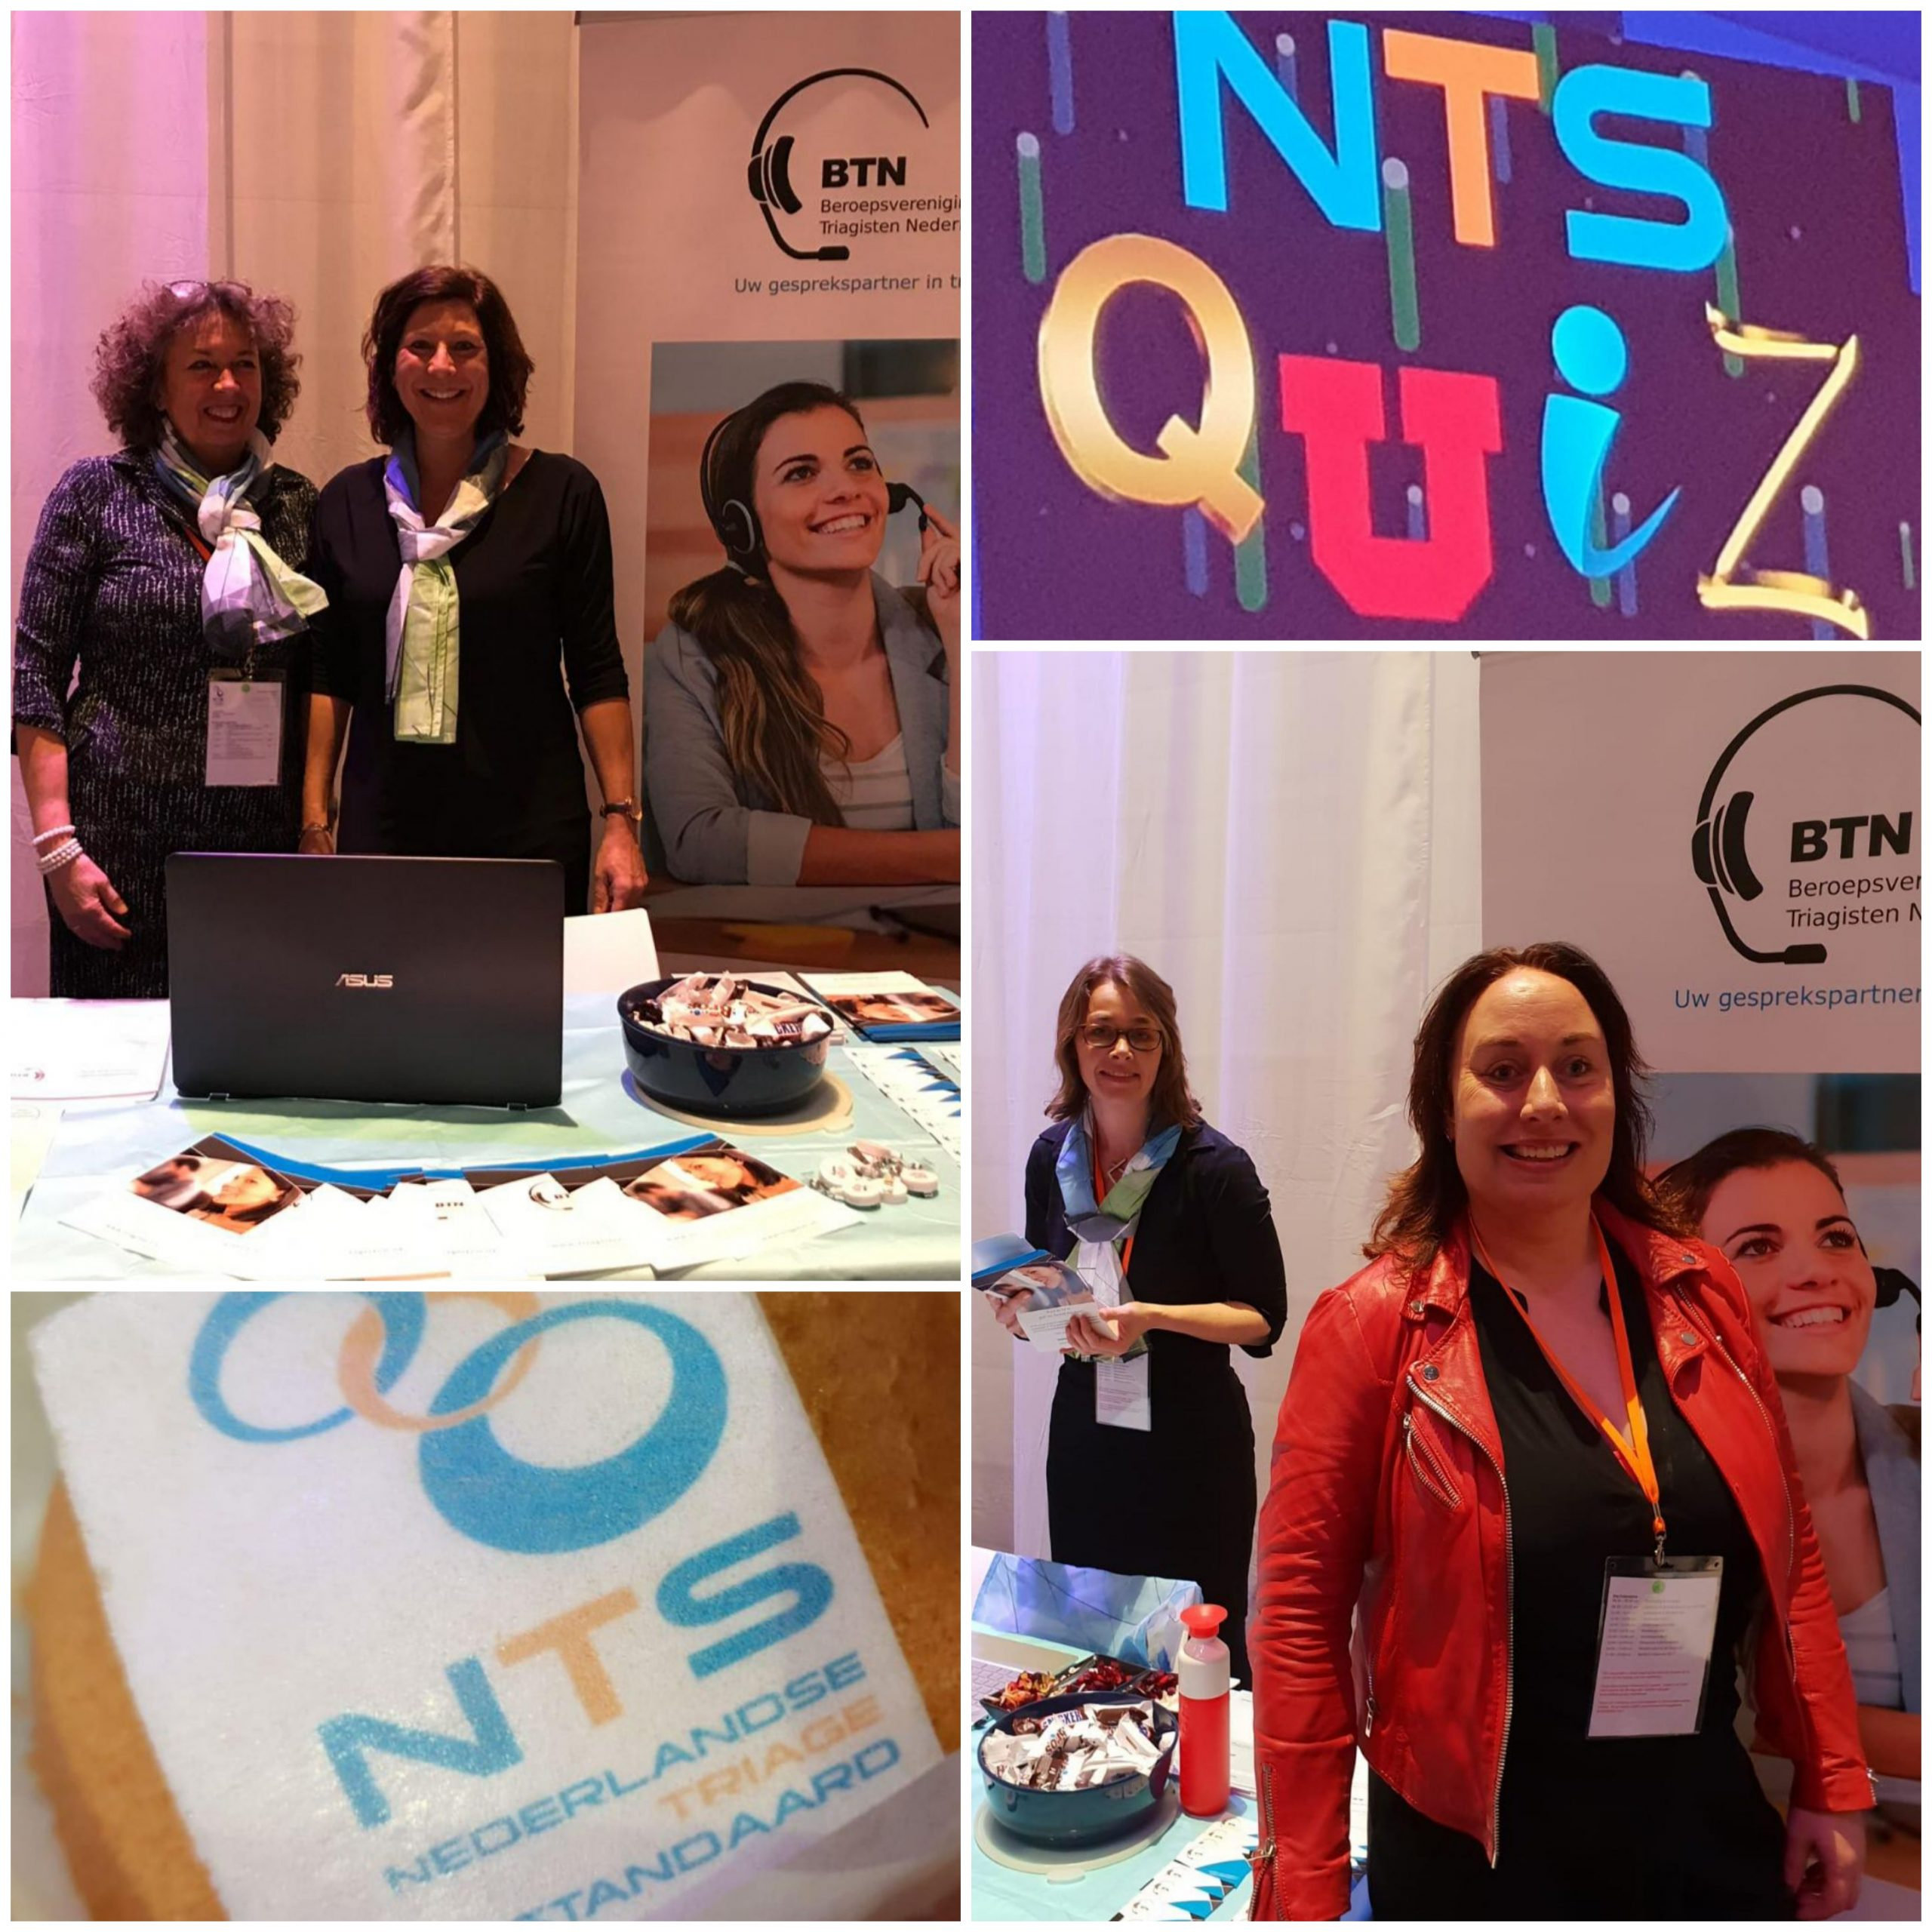 De BTN op het NTS-congres